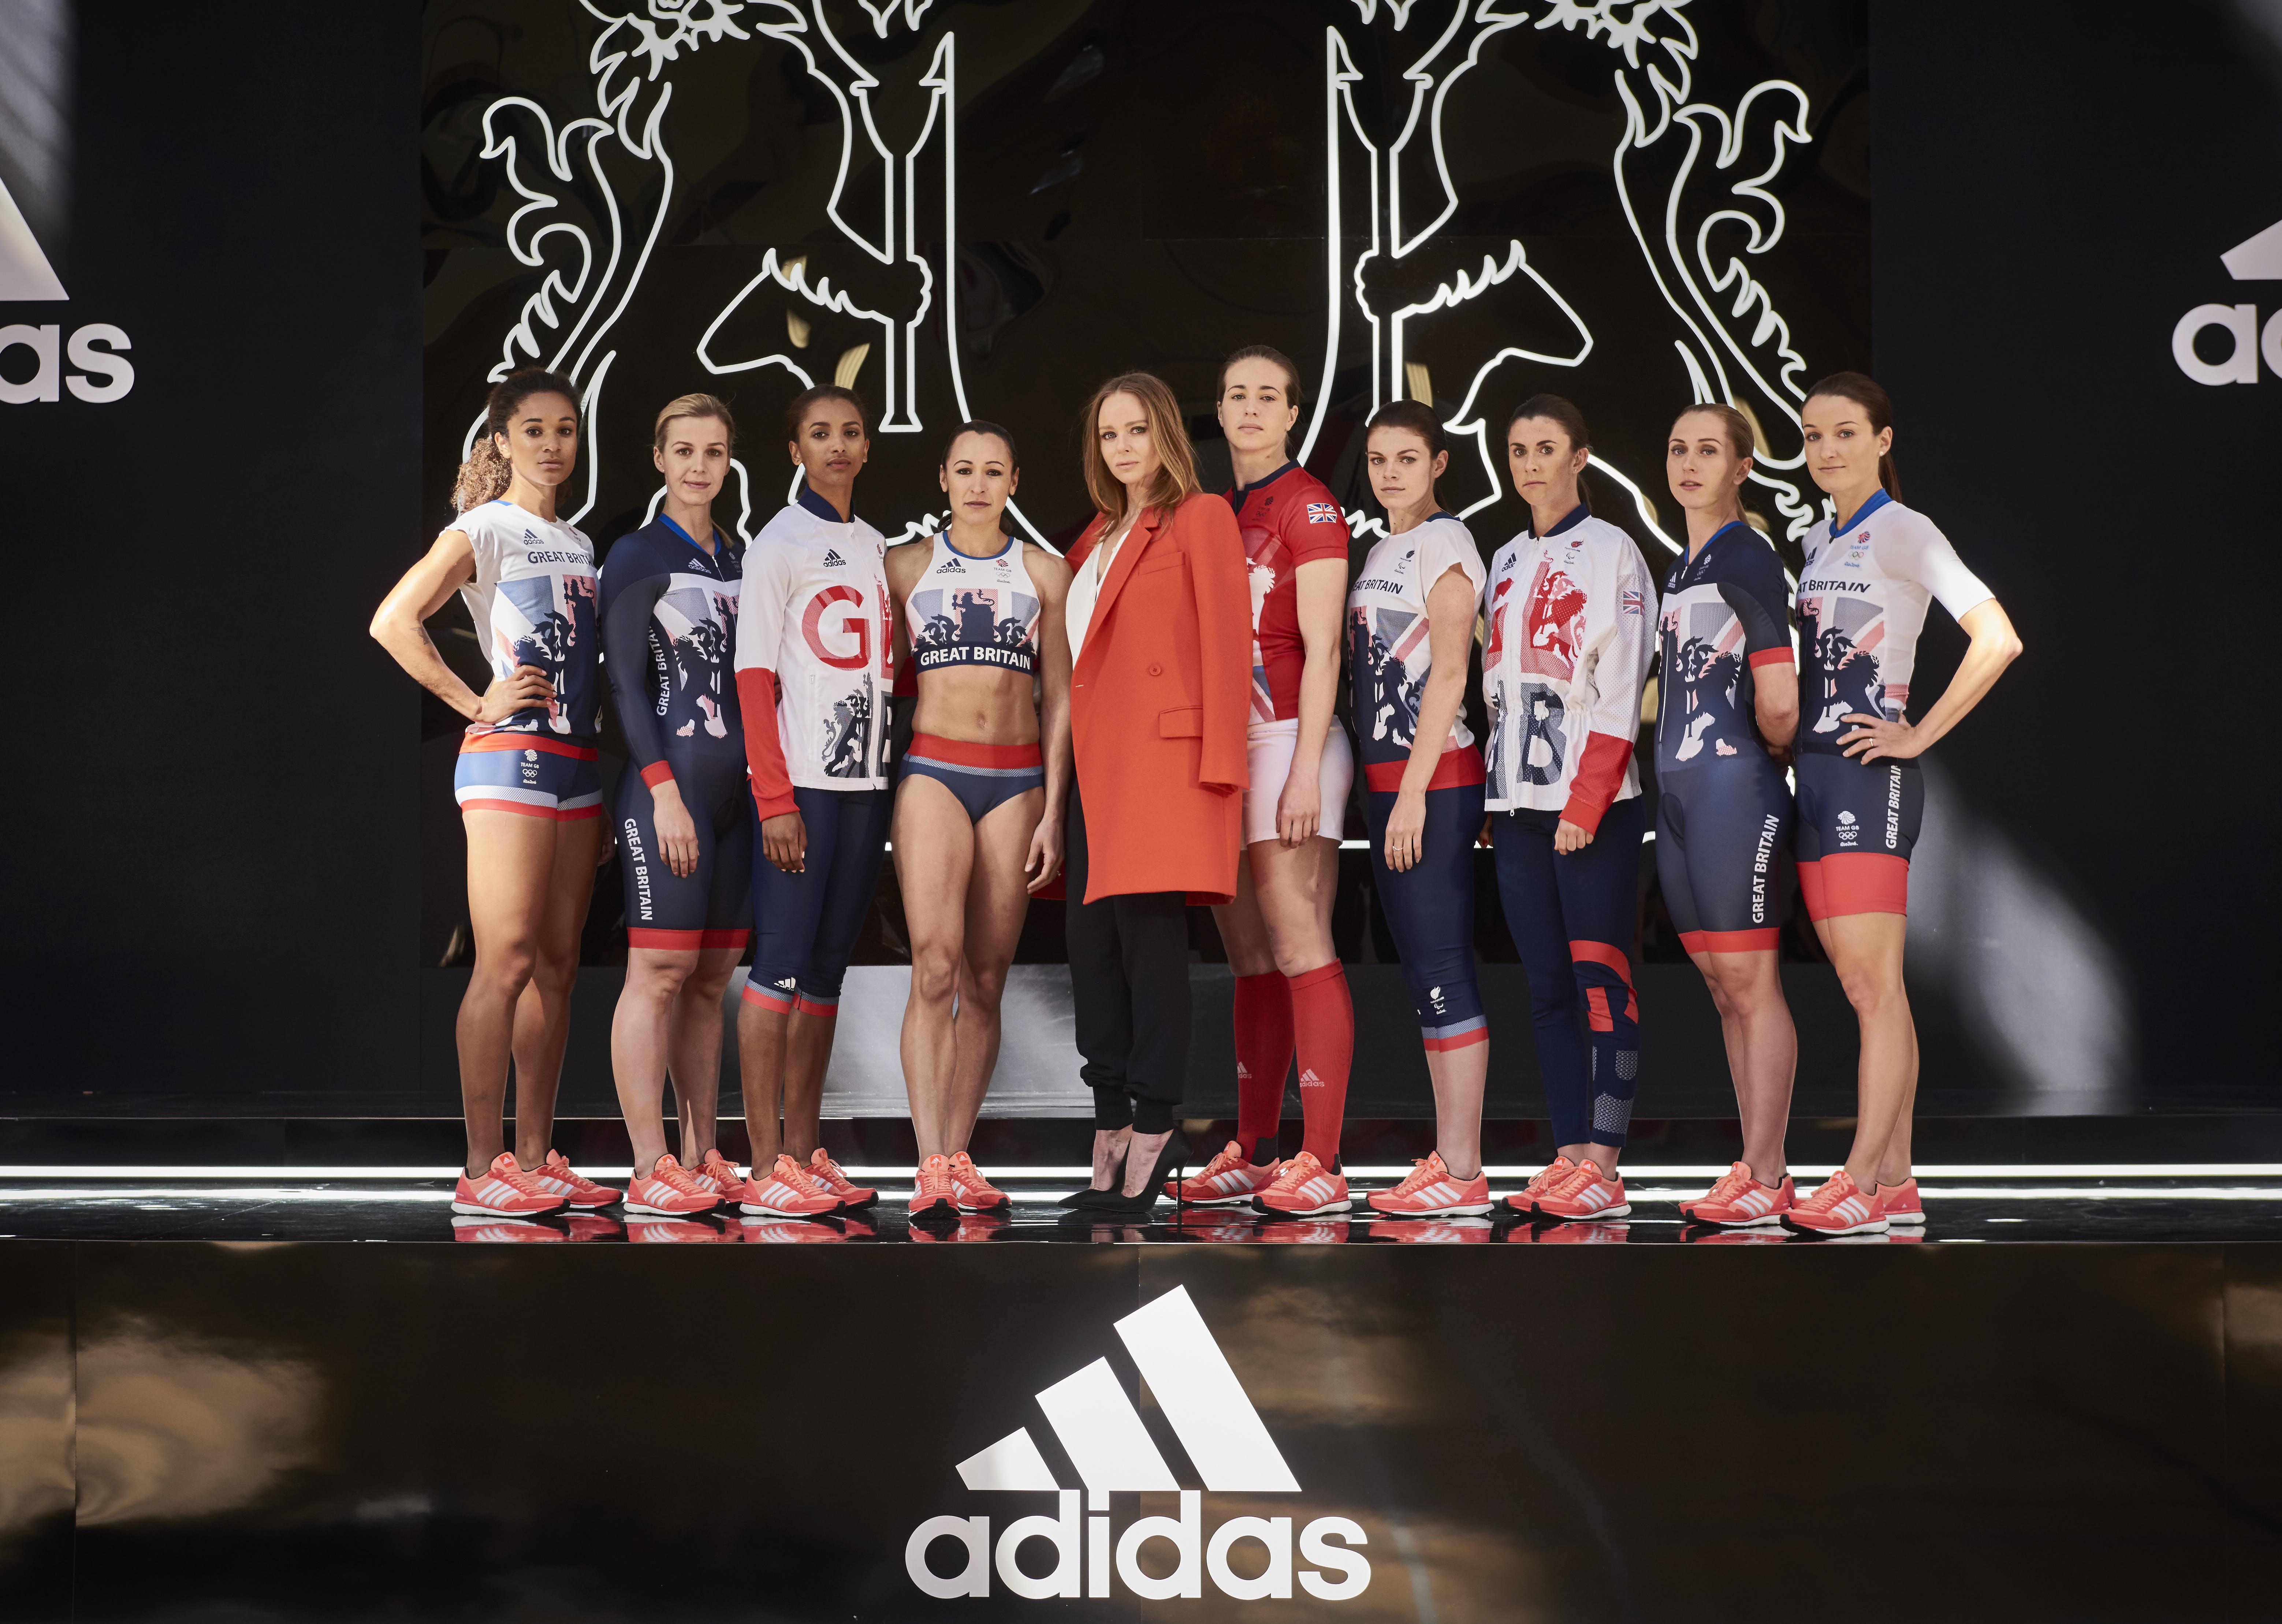 Adidas e Stella McCartney, la collezione per i Giochi Olimpici 2016